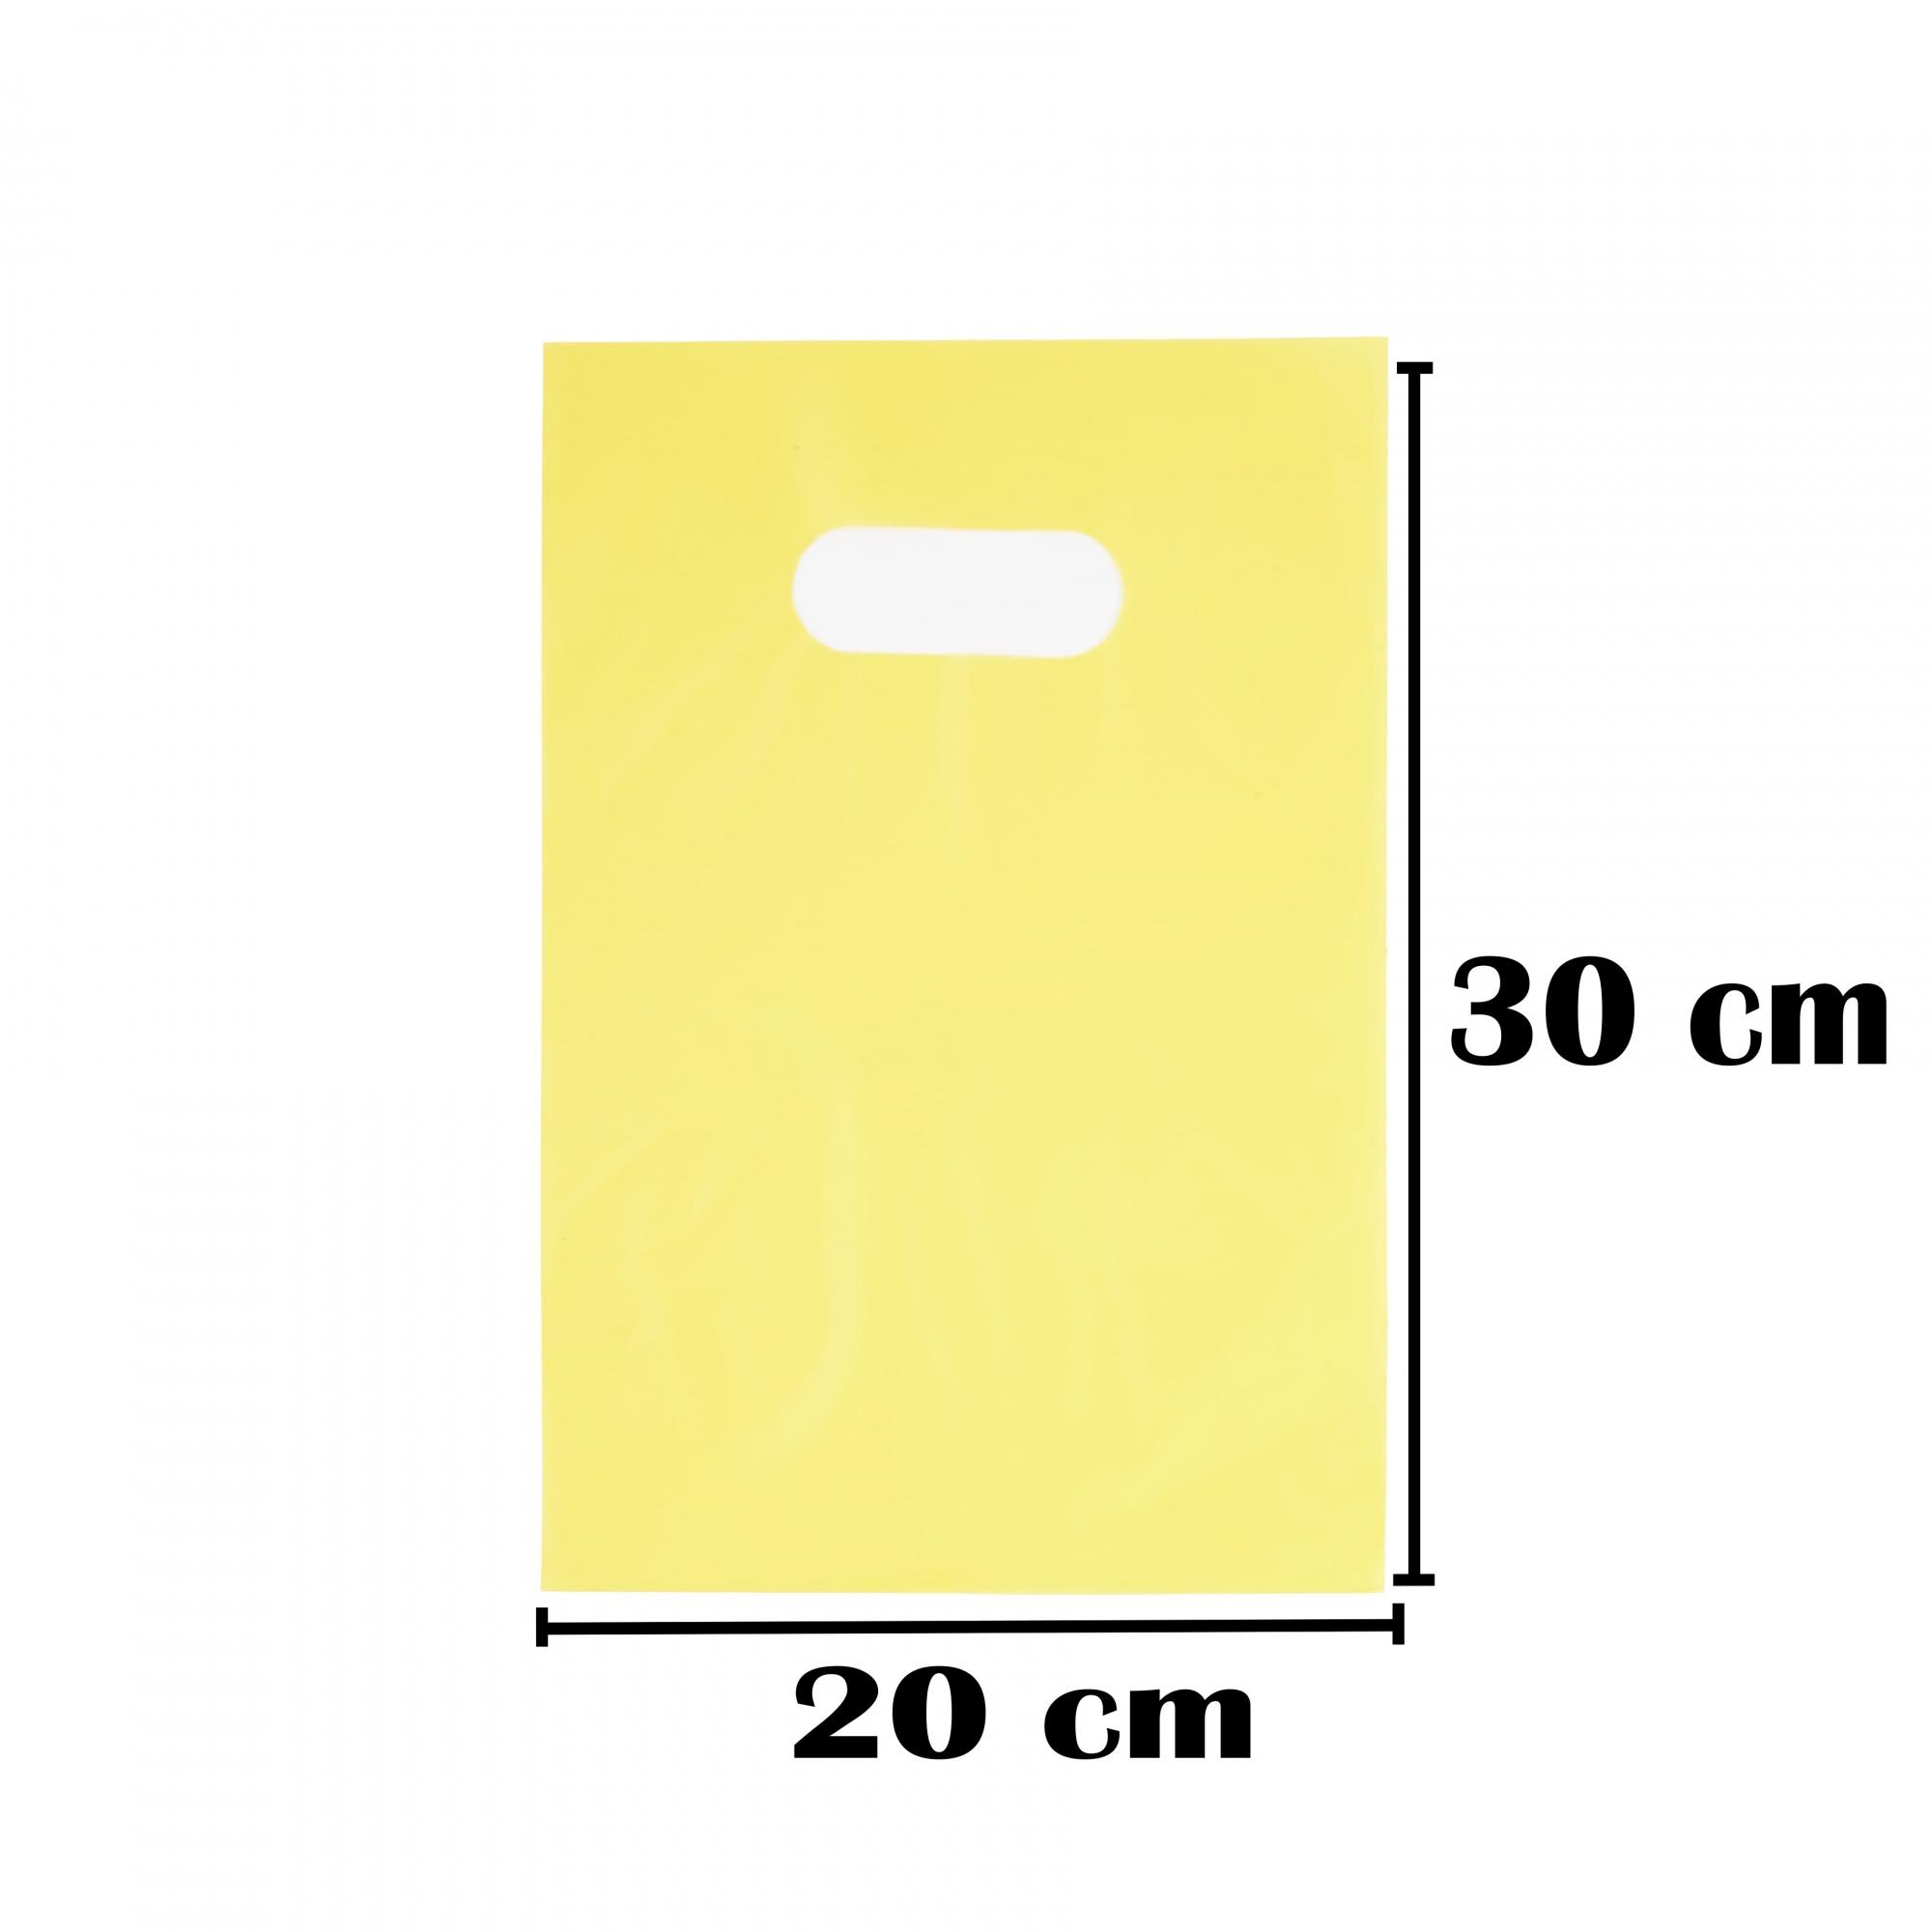 Sacola Plástica 20x30 Amarela Alça Boca de Palhaço 1.000 Unidades